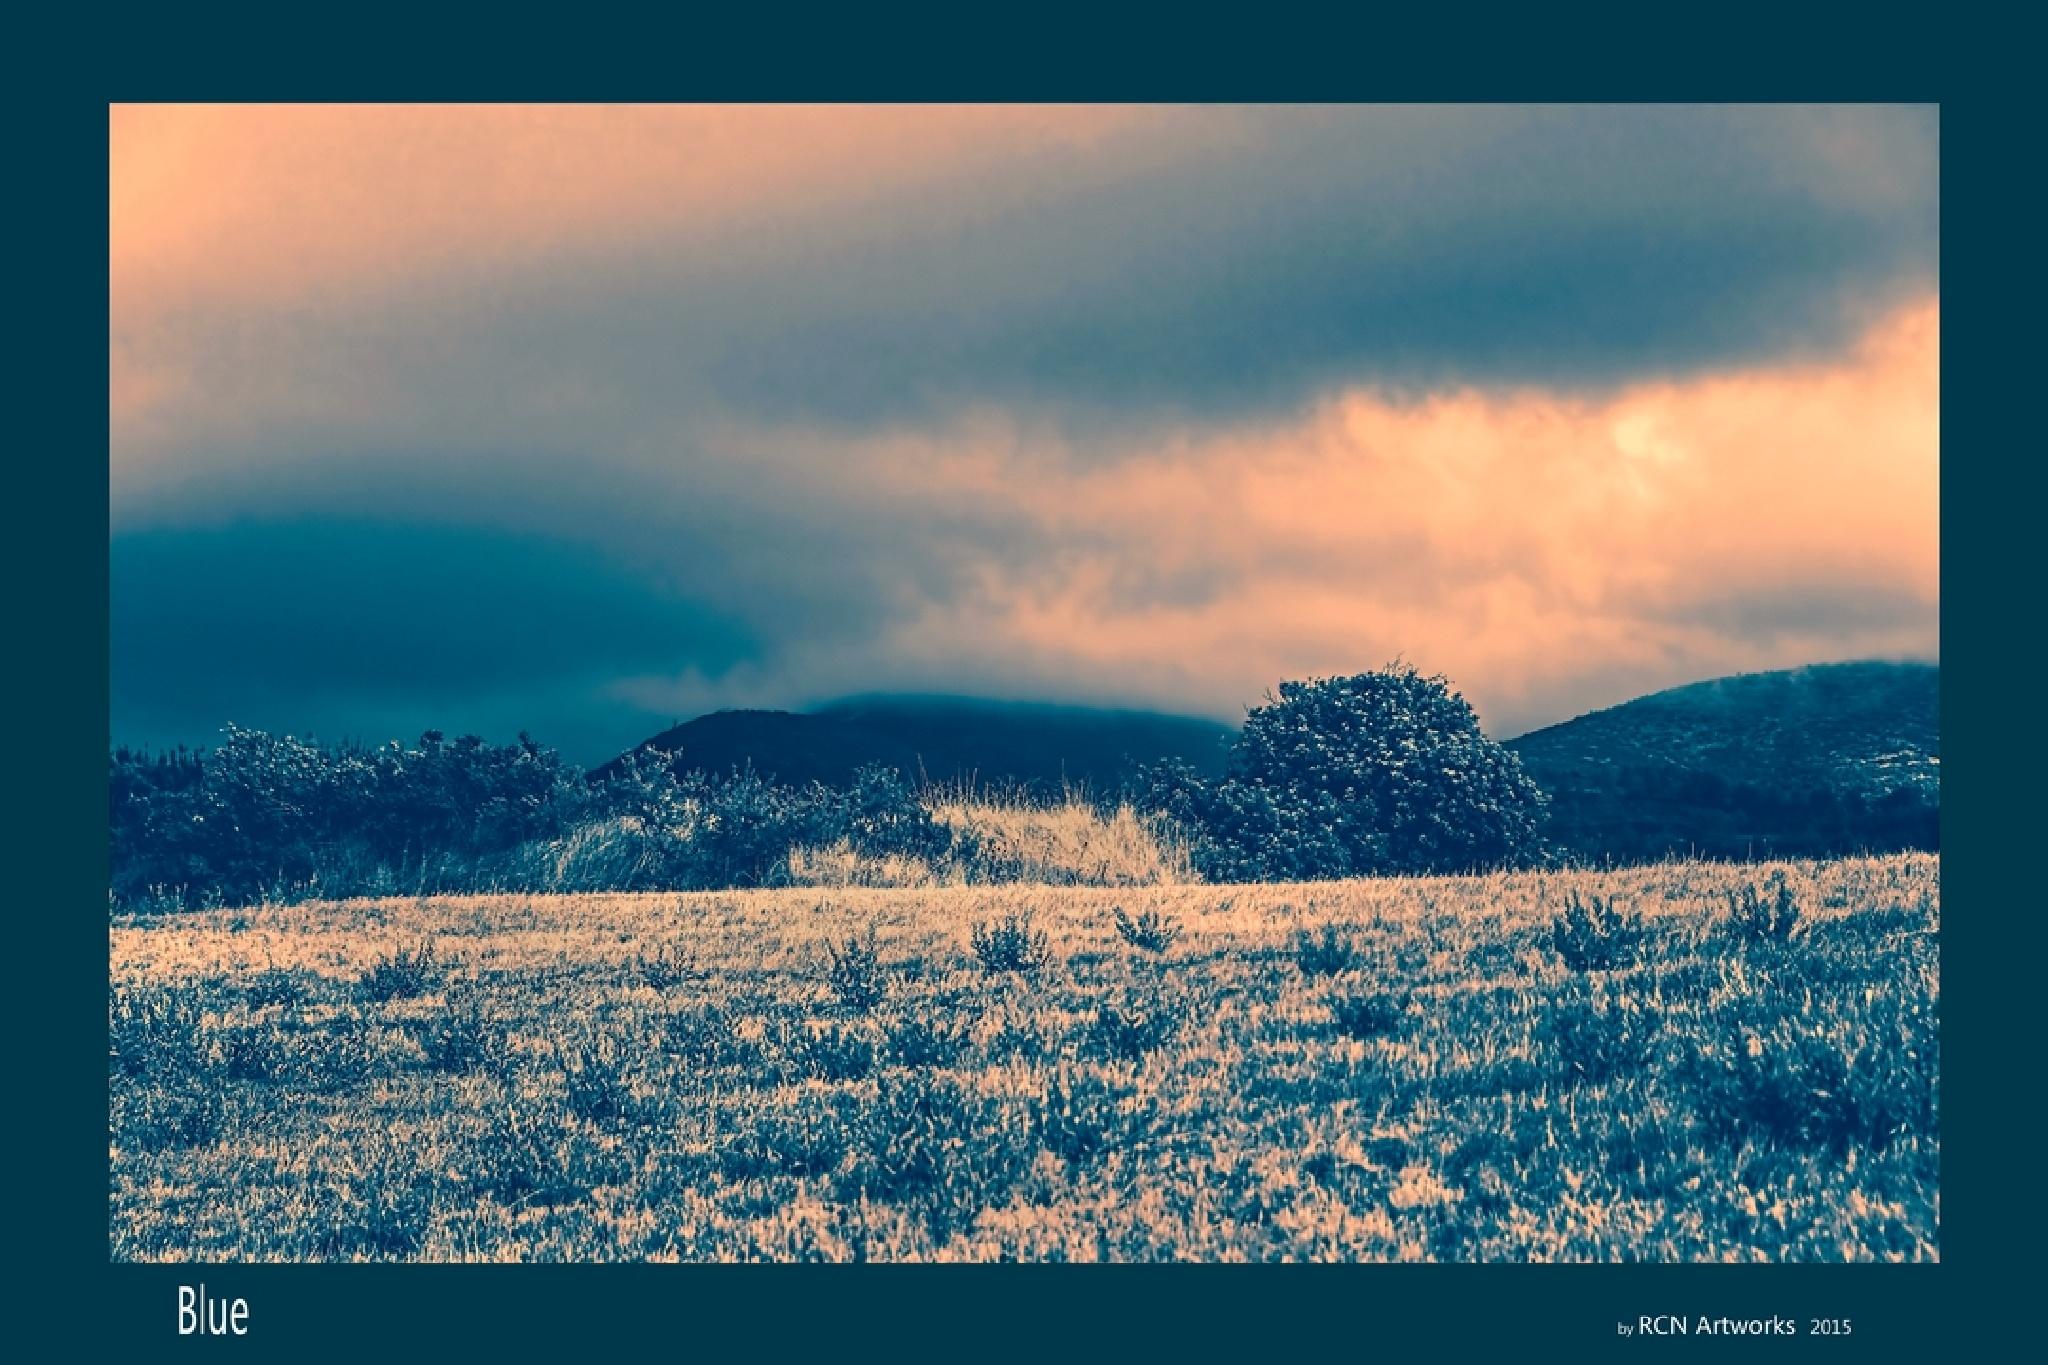 Blue by Ricardo Castro Nunes